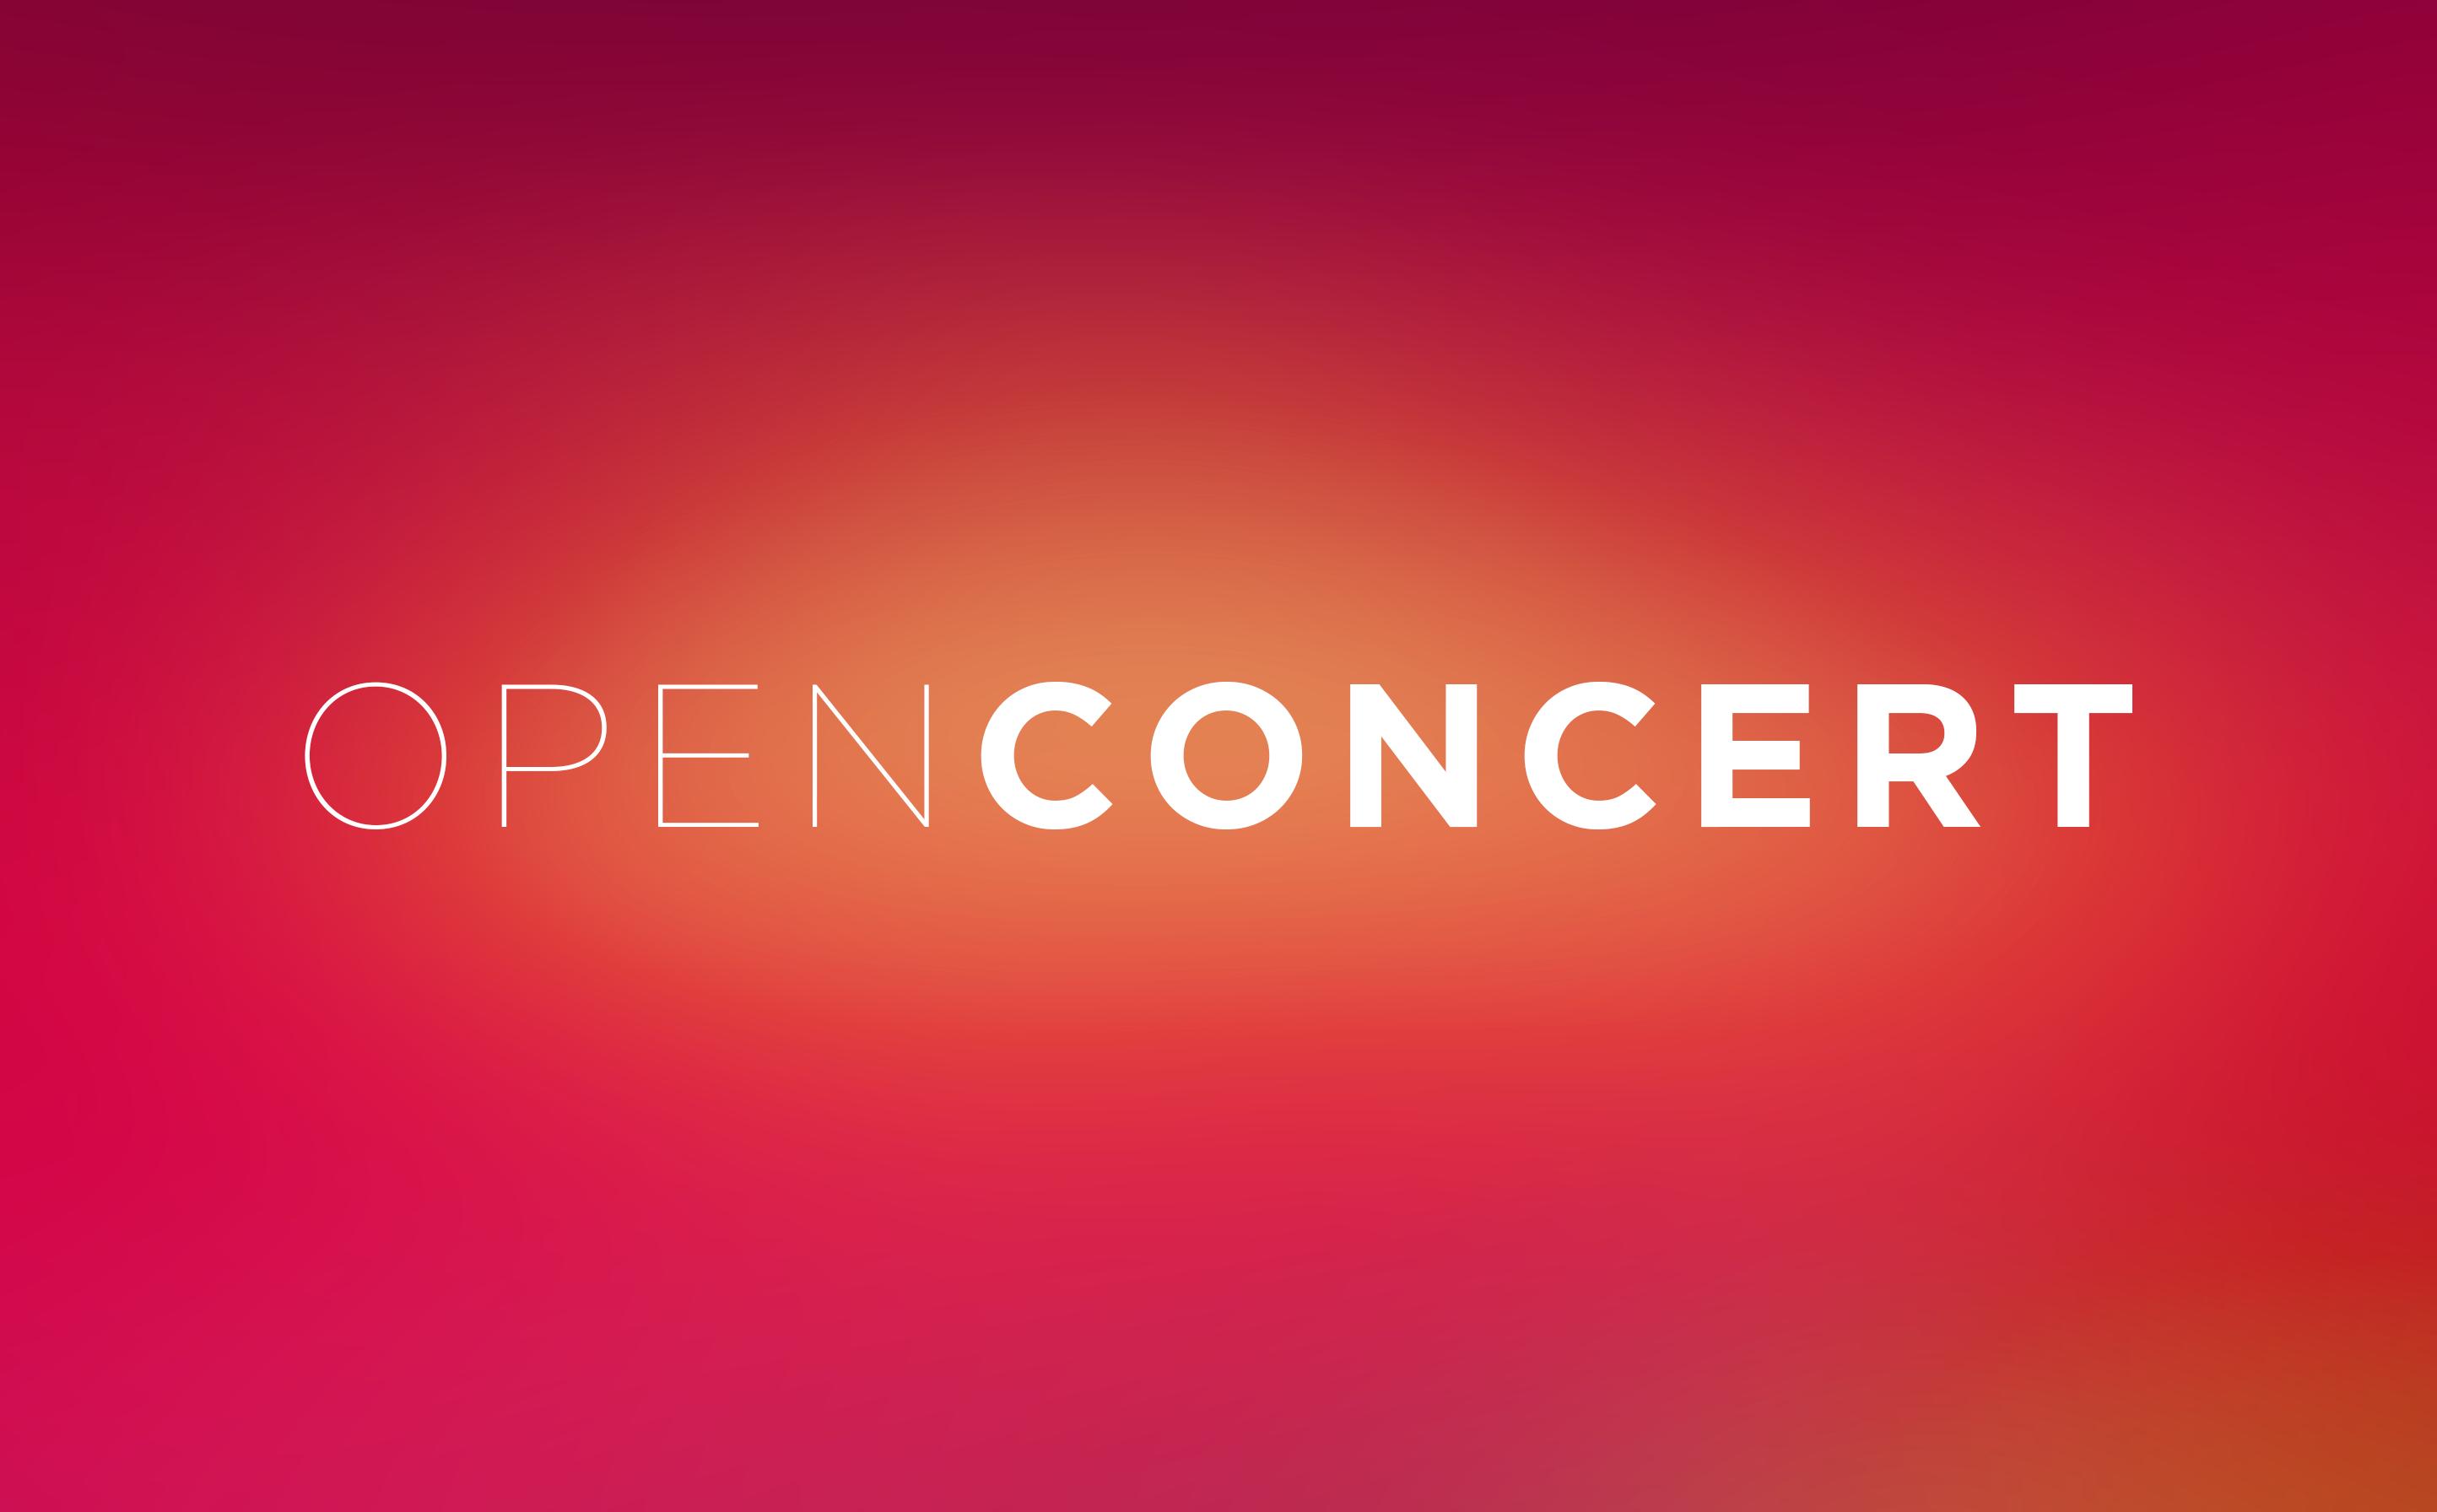 OpenConcert